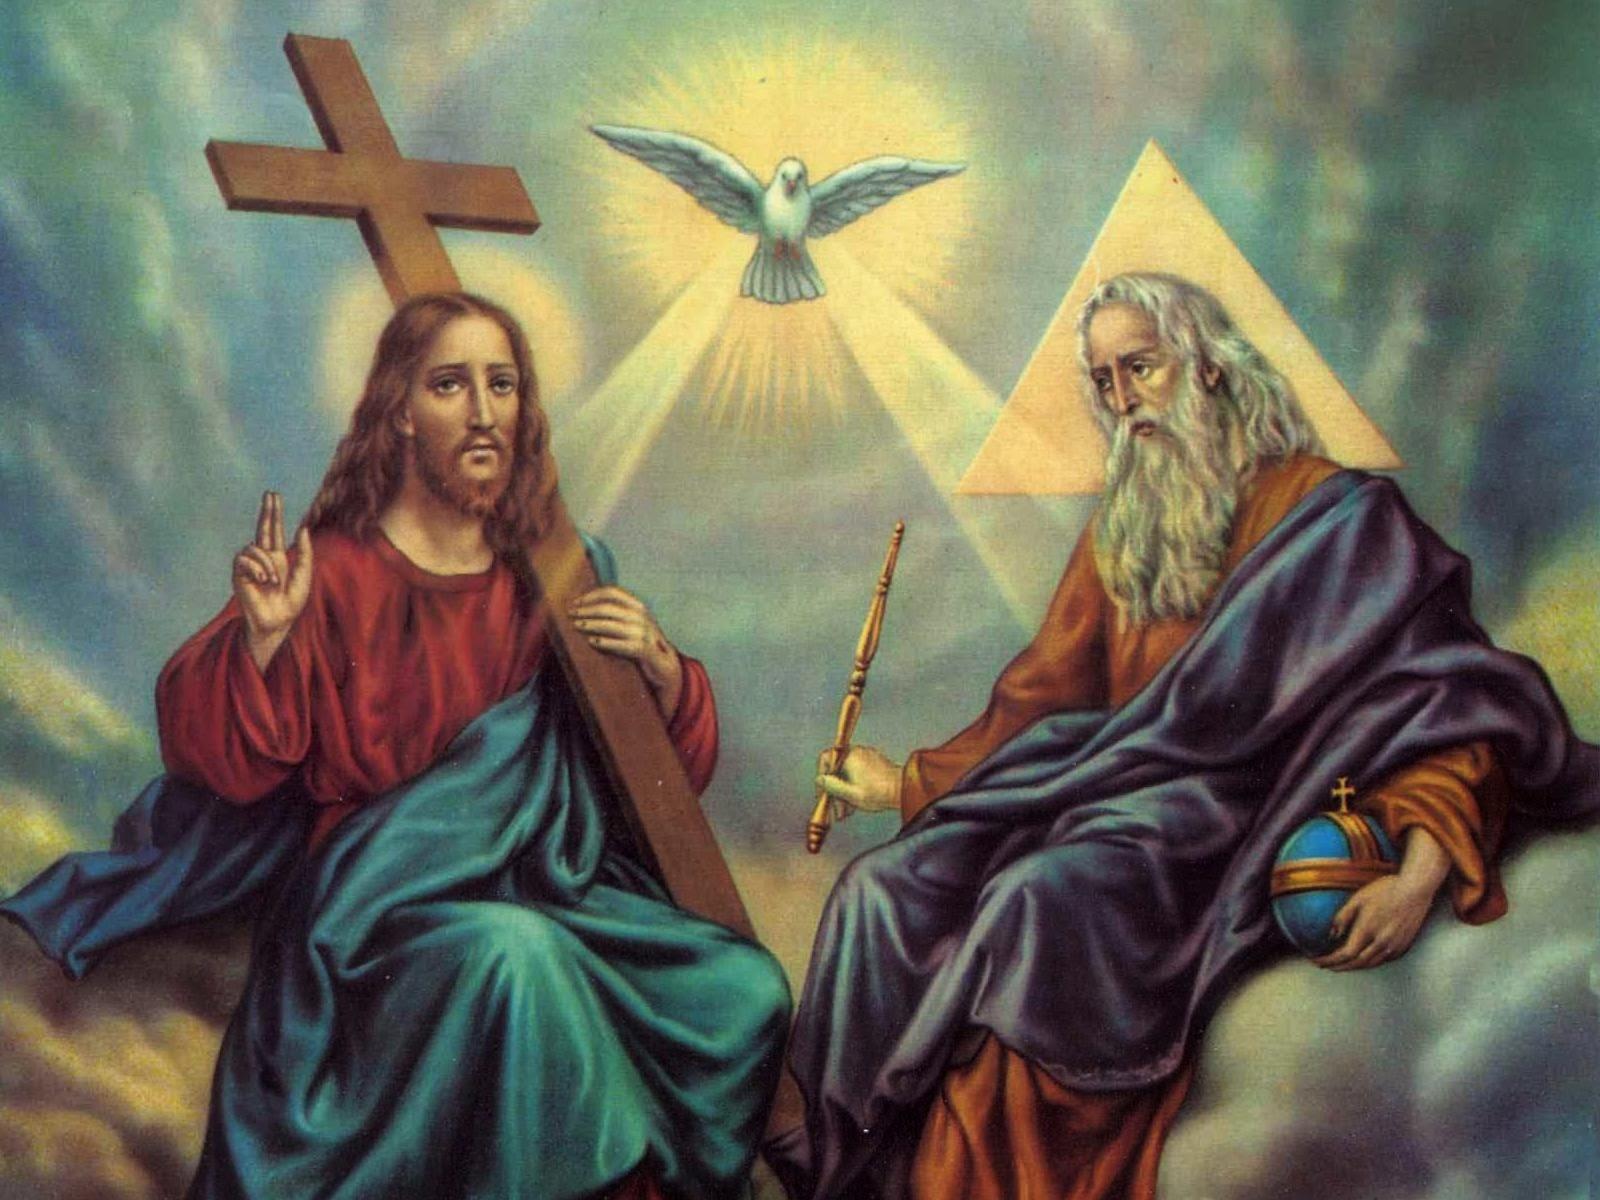 Thiên Chúa Ba Ngôi: Đấng tạo dựng, cứu chuộc và thánh hóa chúng ta (Bài giảng Lễ Chúa Ba Ngôi)